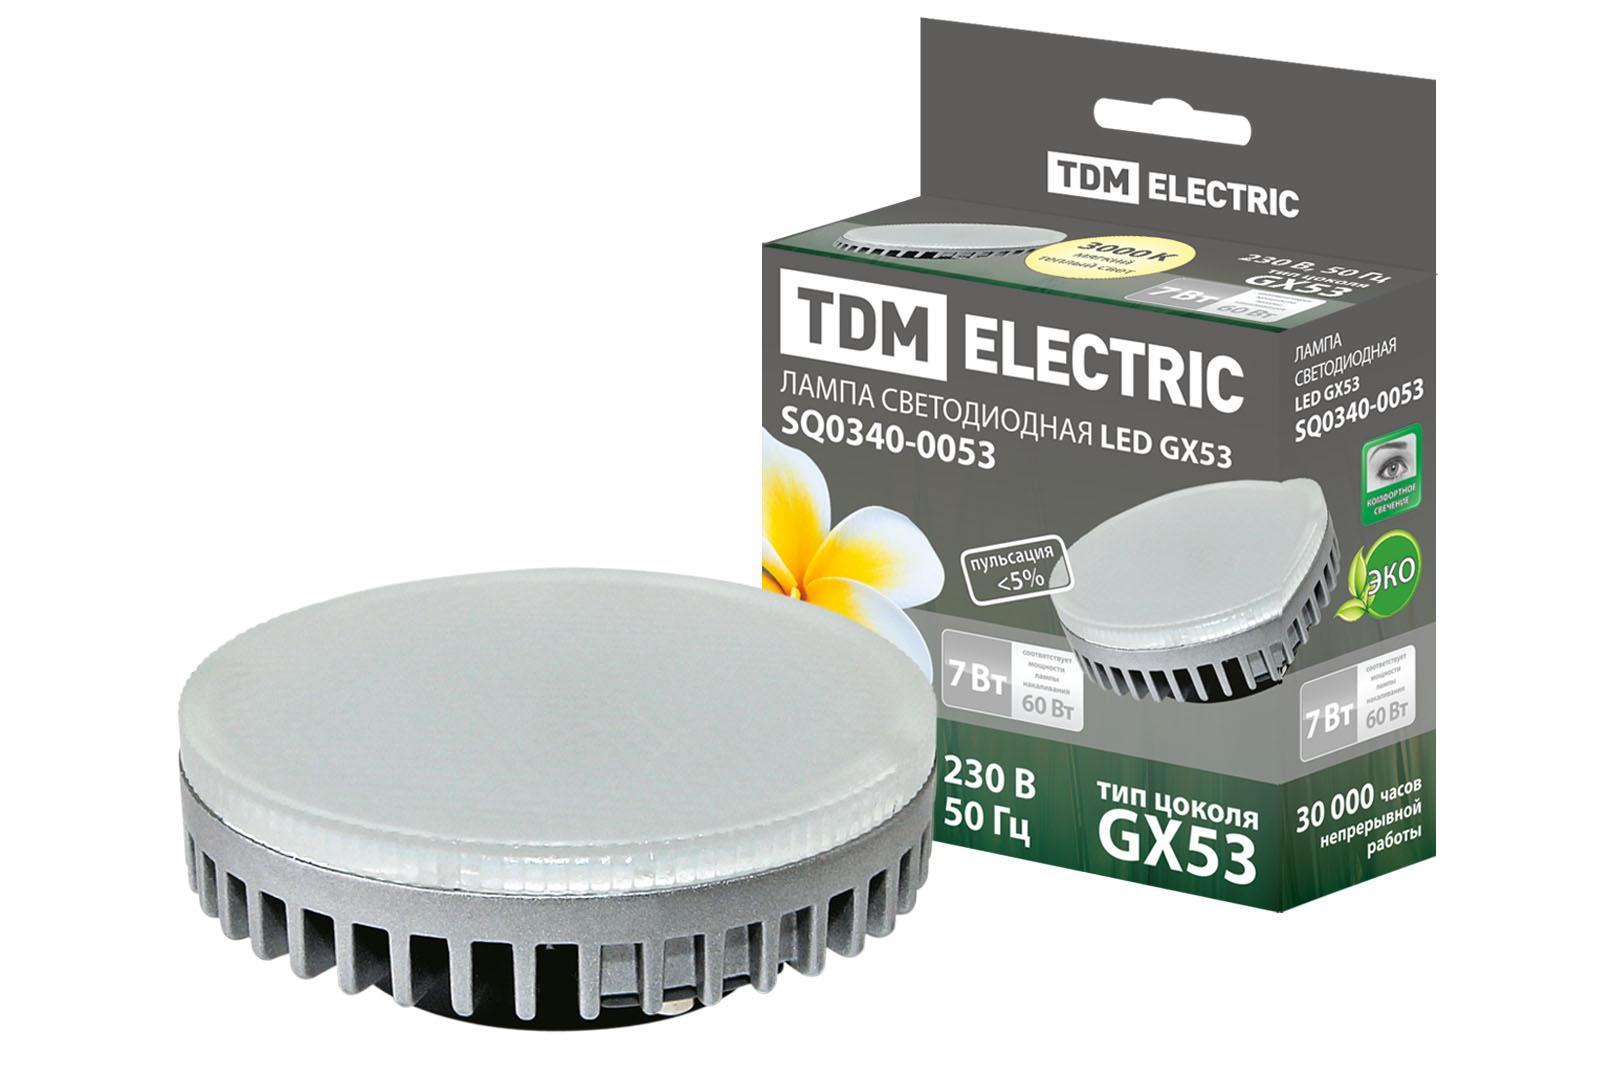 Фото Лампа светодиодная GX53-7 Вт-3000 К TDM {SQ0340-0053}